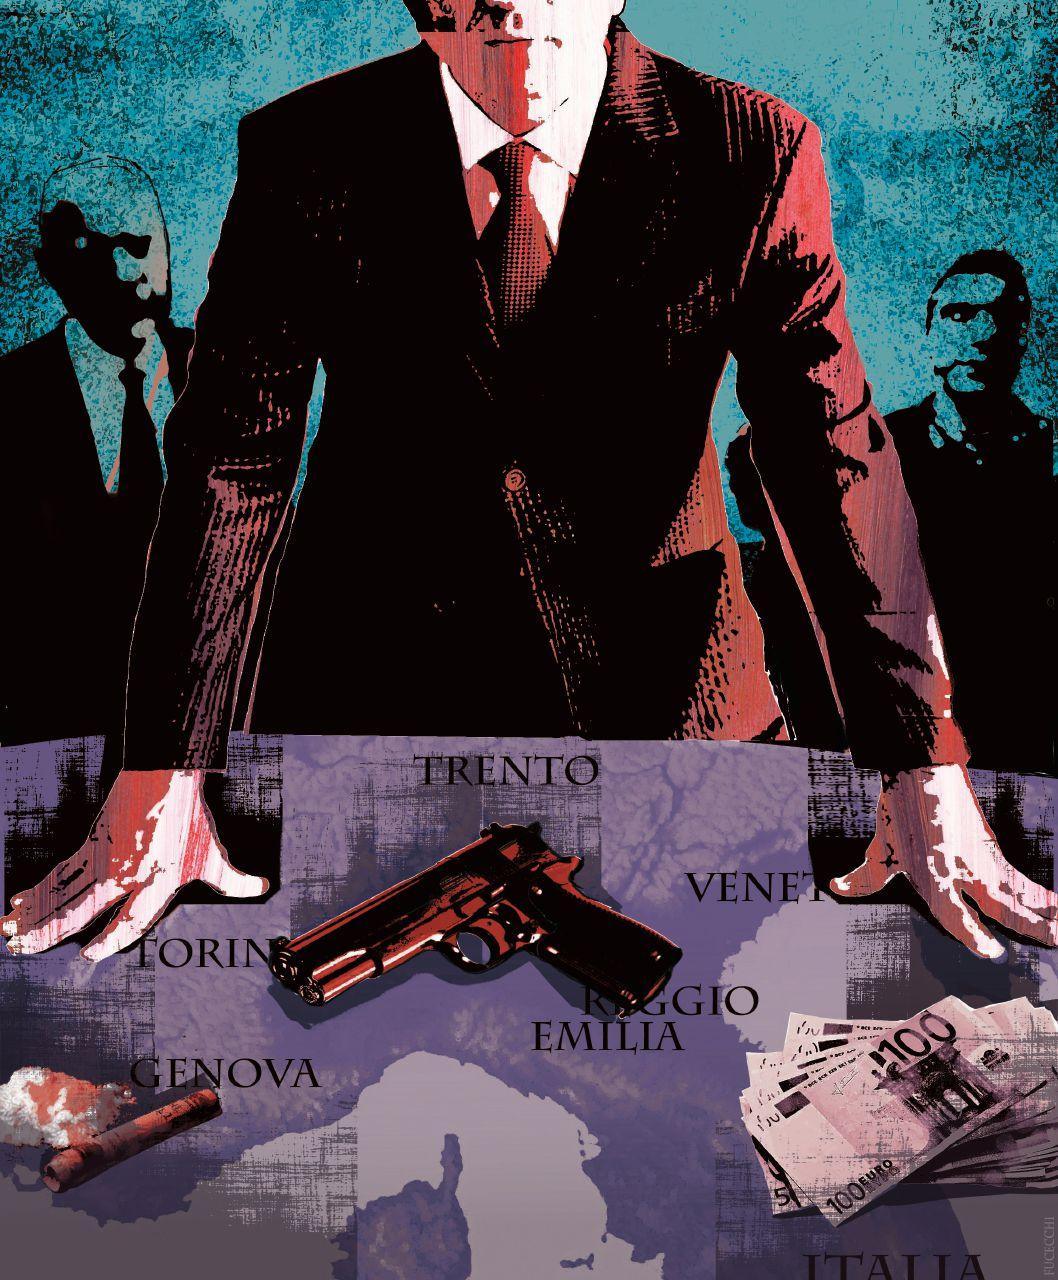 Mafie: Roma cerca le prove, al Nord regna la 'ndrangheta